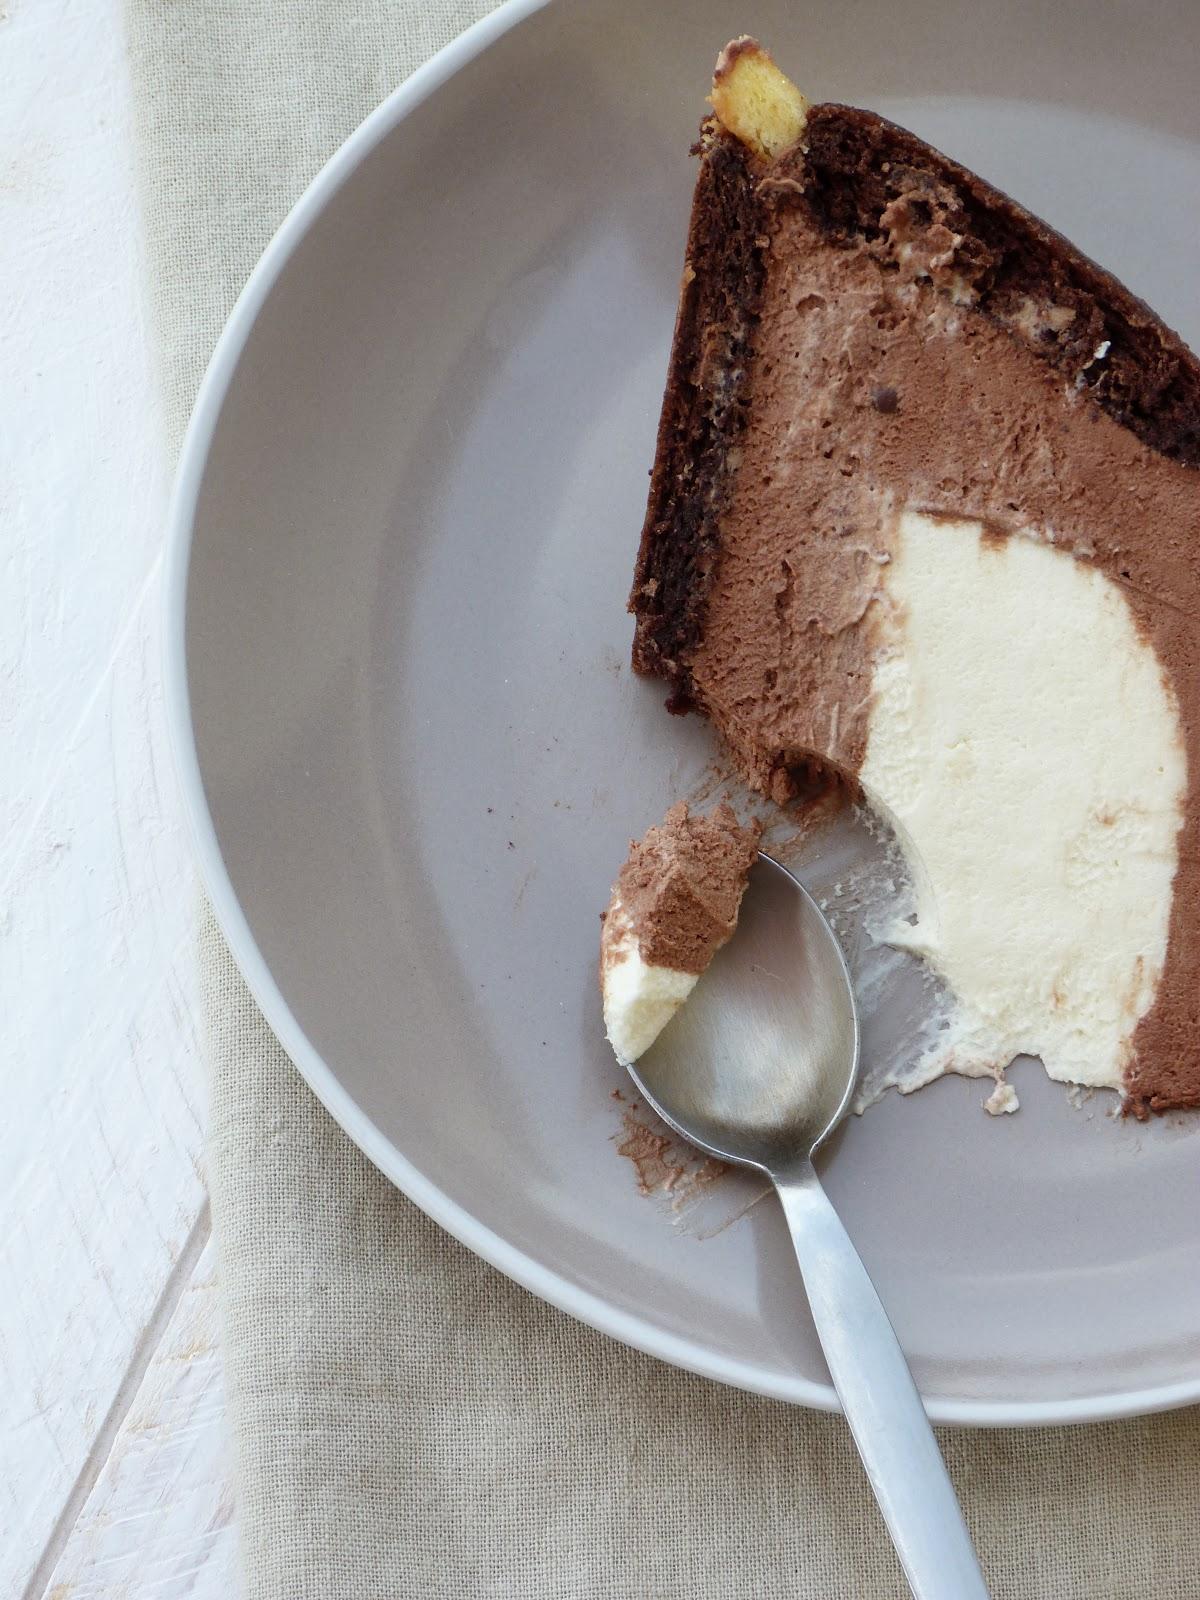 recette gateau anniversaire chocolat noir et blanc home baking for you blog photo. Black Bedroom Furniture Sets. Home Design Ideas